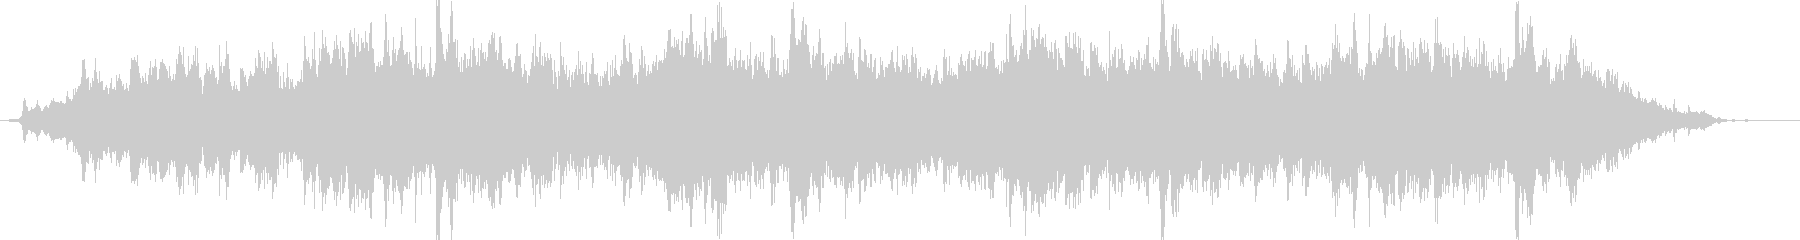 ドローン ハイチャイム01の未再生の波形